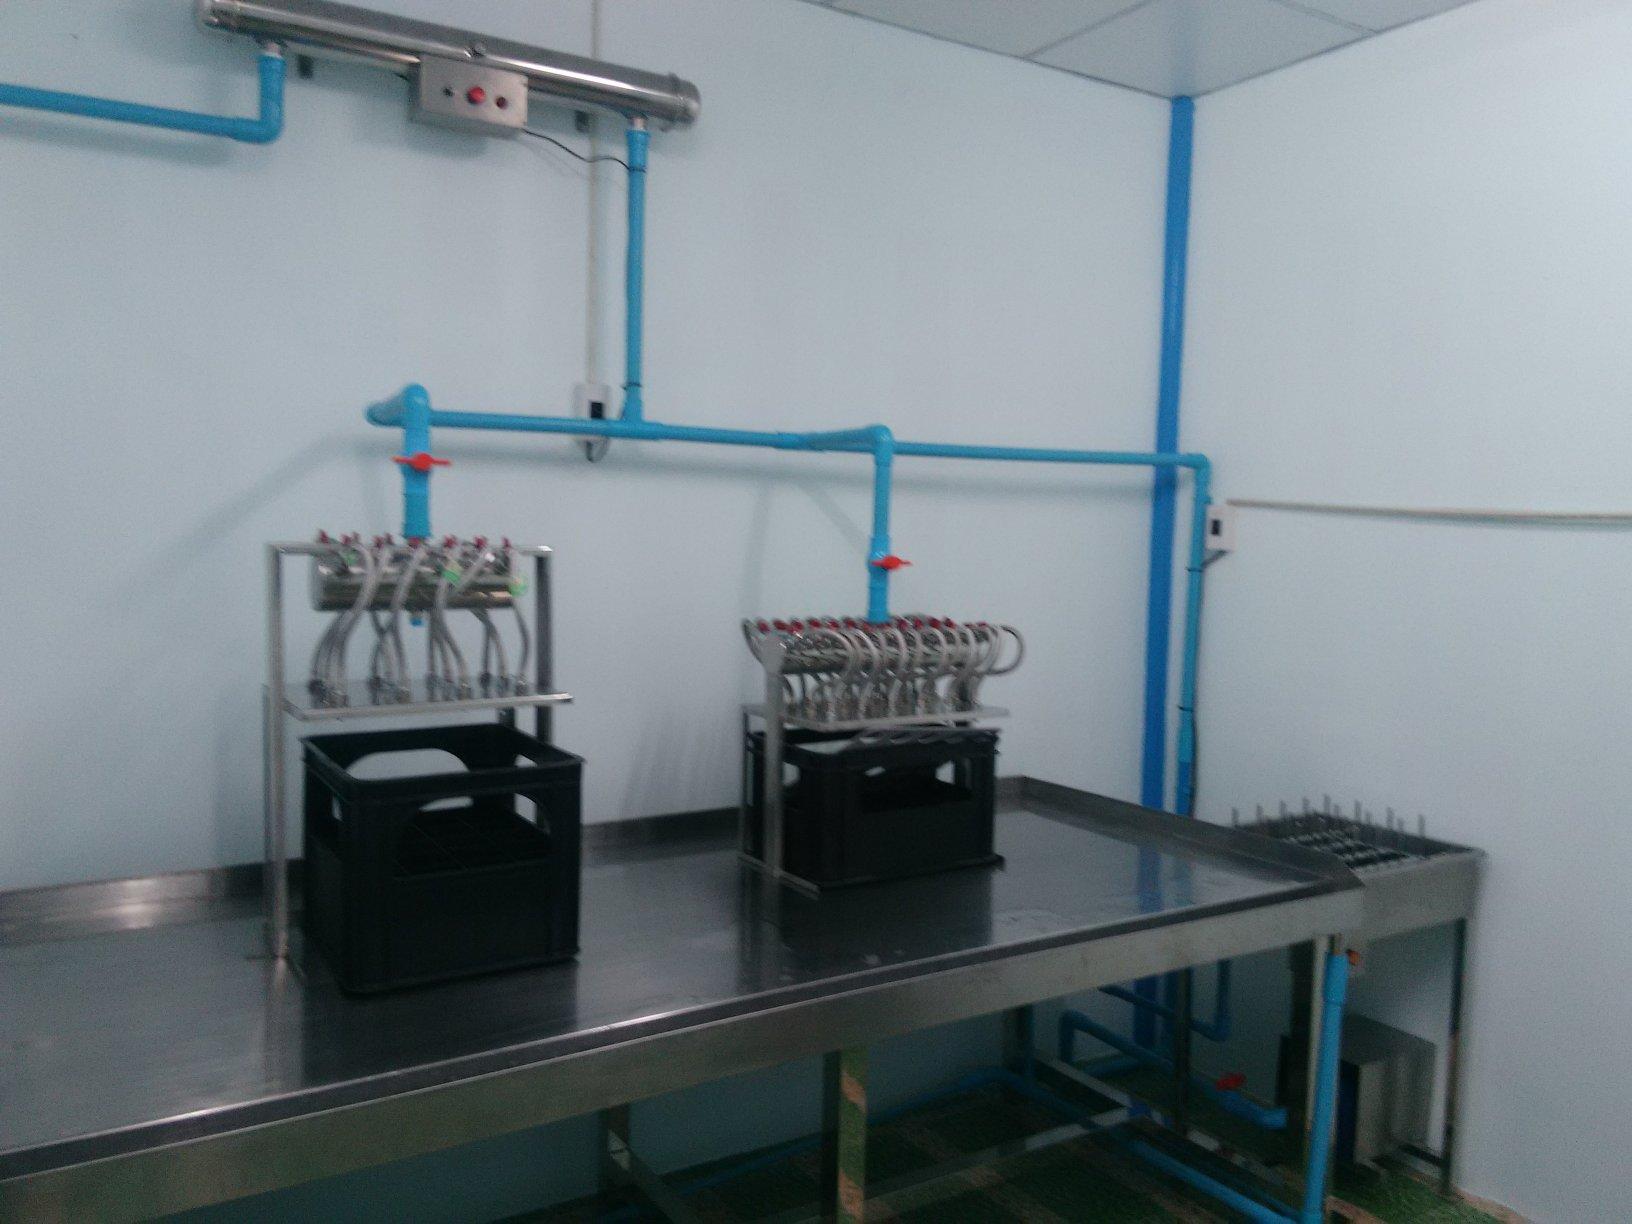 เครื่องกรองน้ำRO อุตสาหกรรม อัตรากำลังการผลิต 3,000 ลิตรต่อวัน